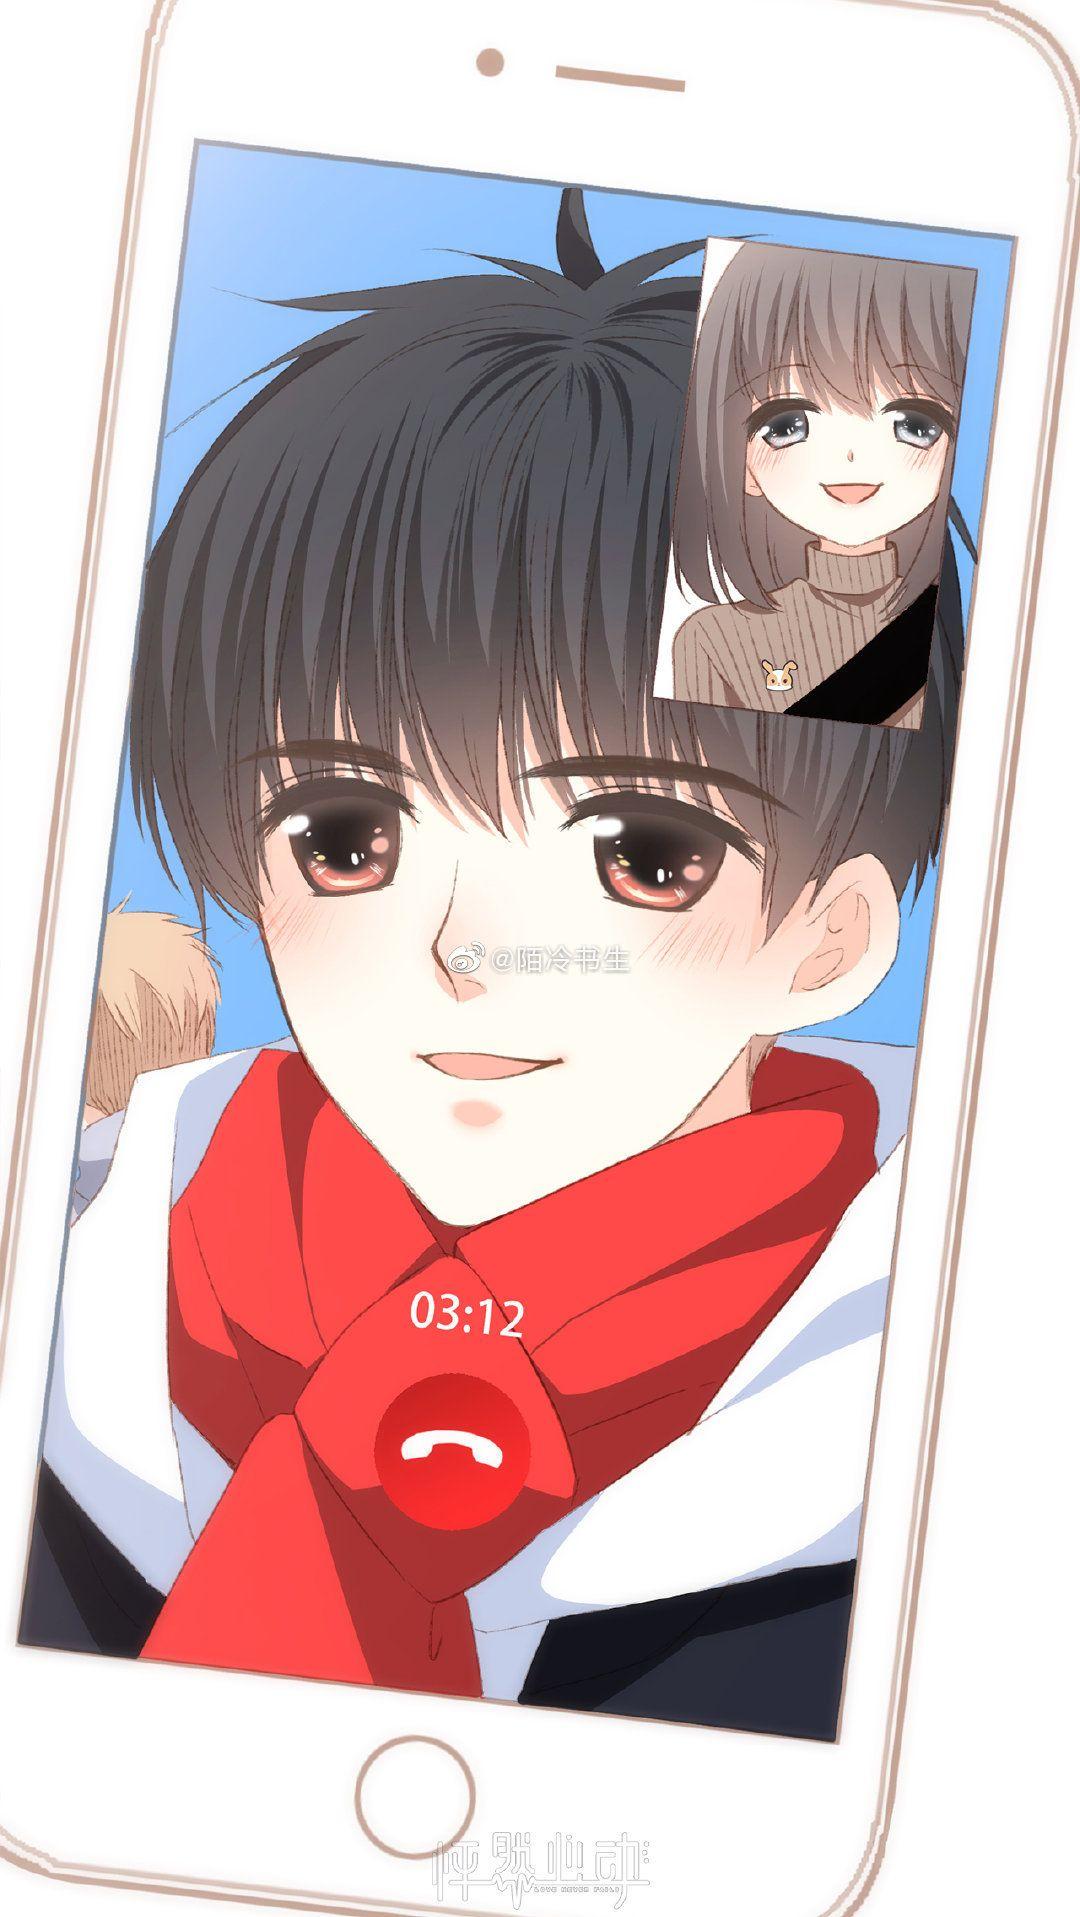 怦然心动漫画 trong 2020 Anime, Hình minh họa, Hoạt hình